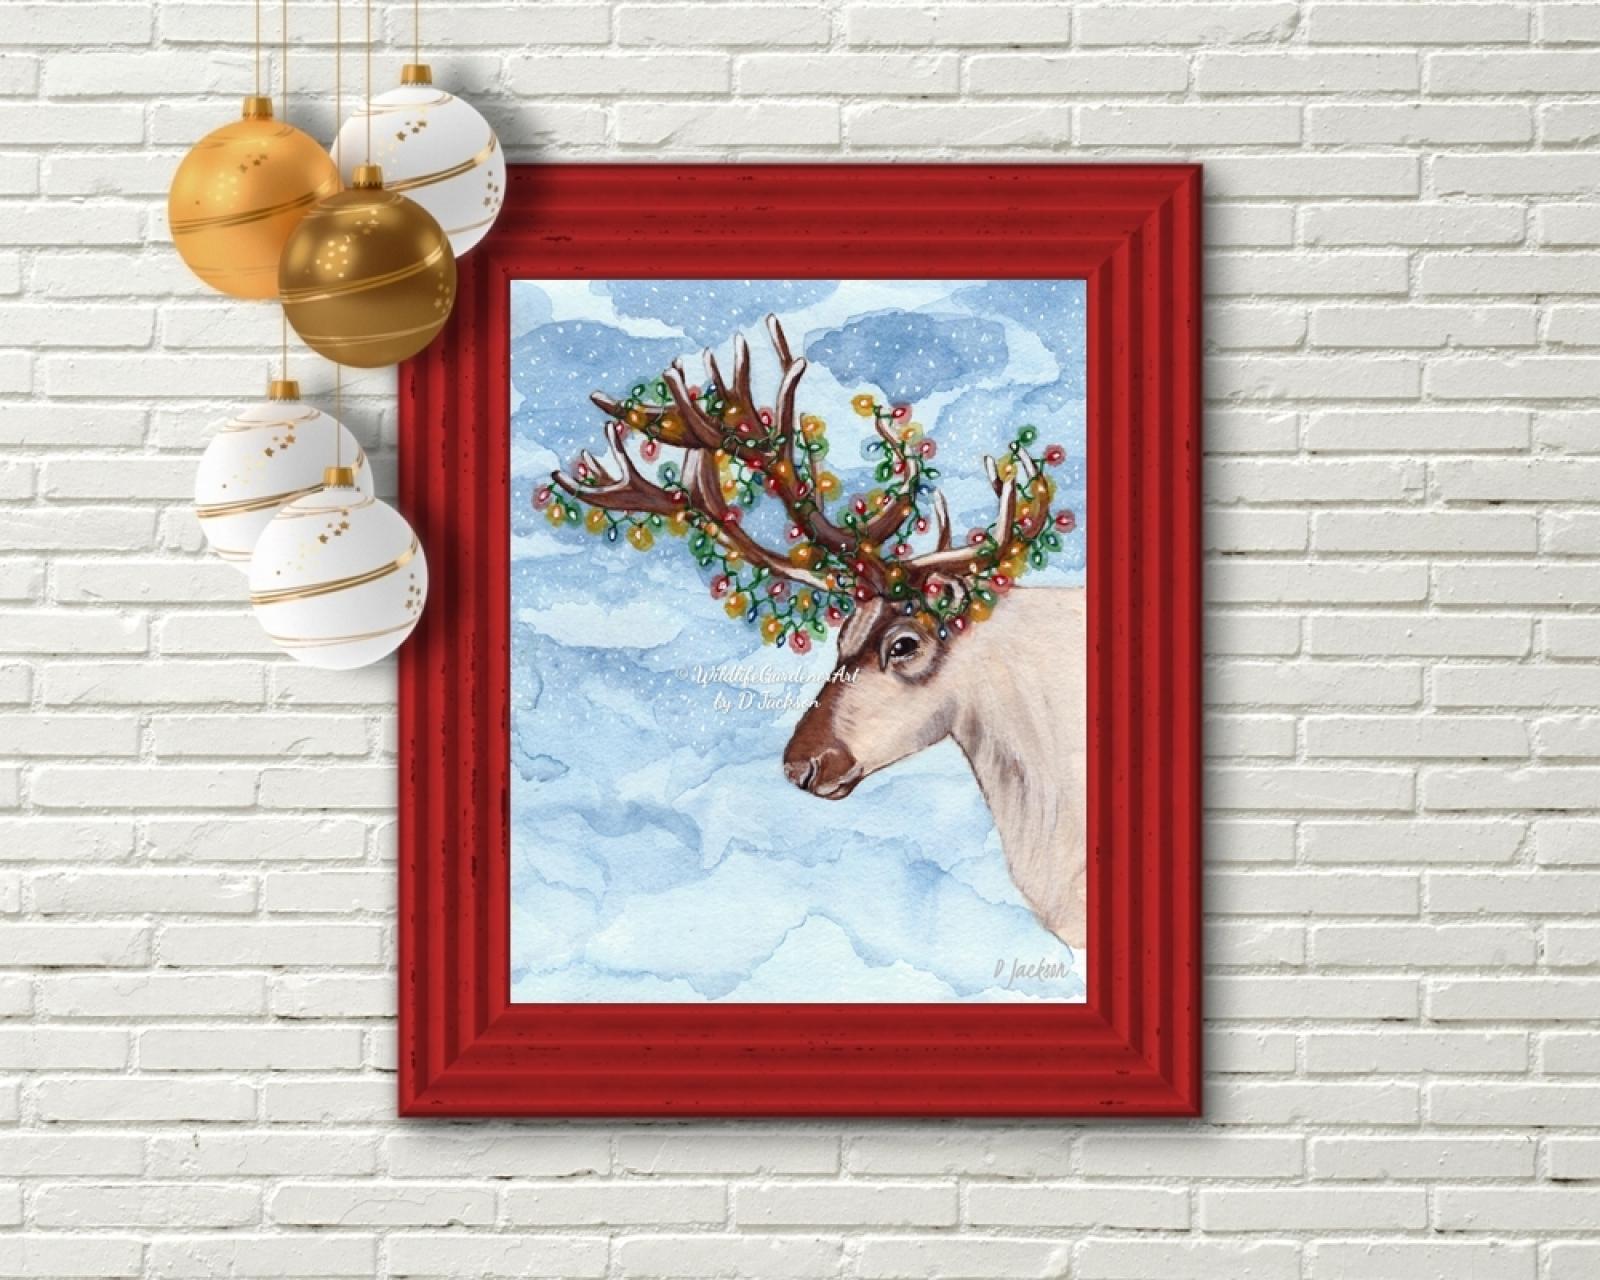 Whimsical Christmas Cards